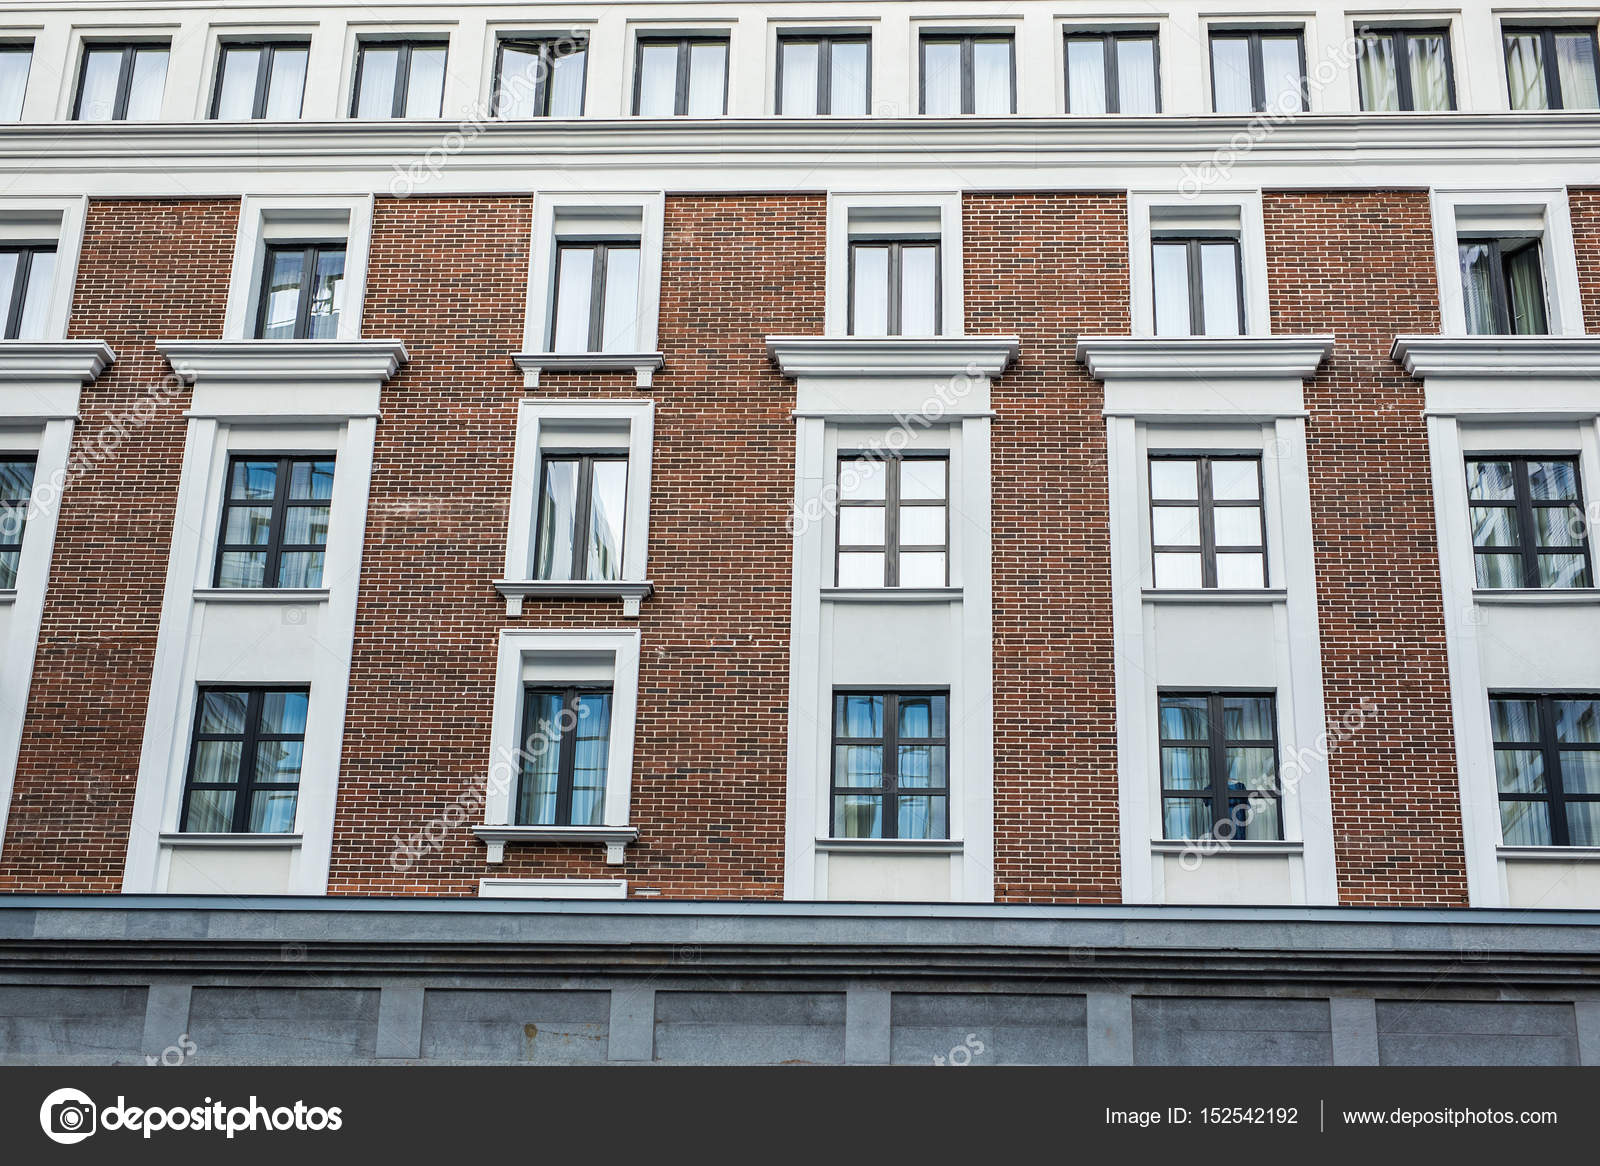 De gevel van het huis of hotel de ramen en decoratie van wanden